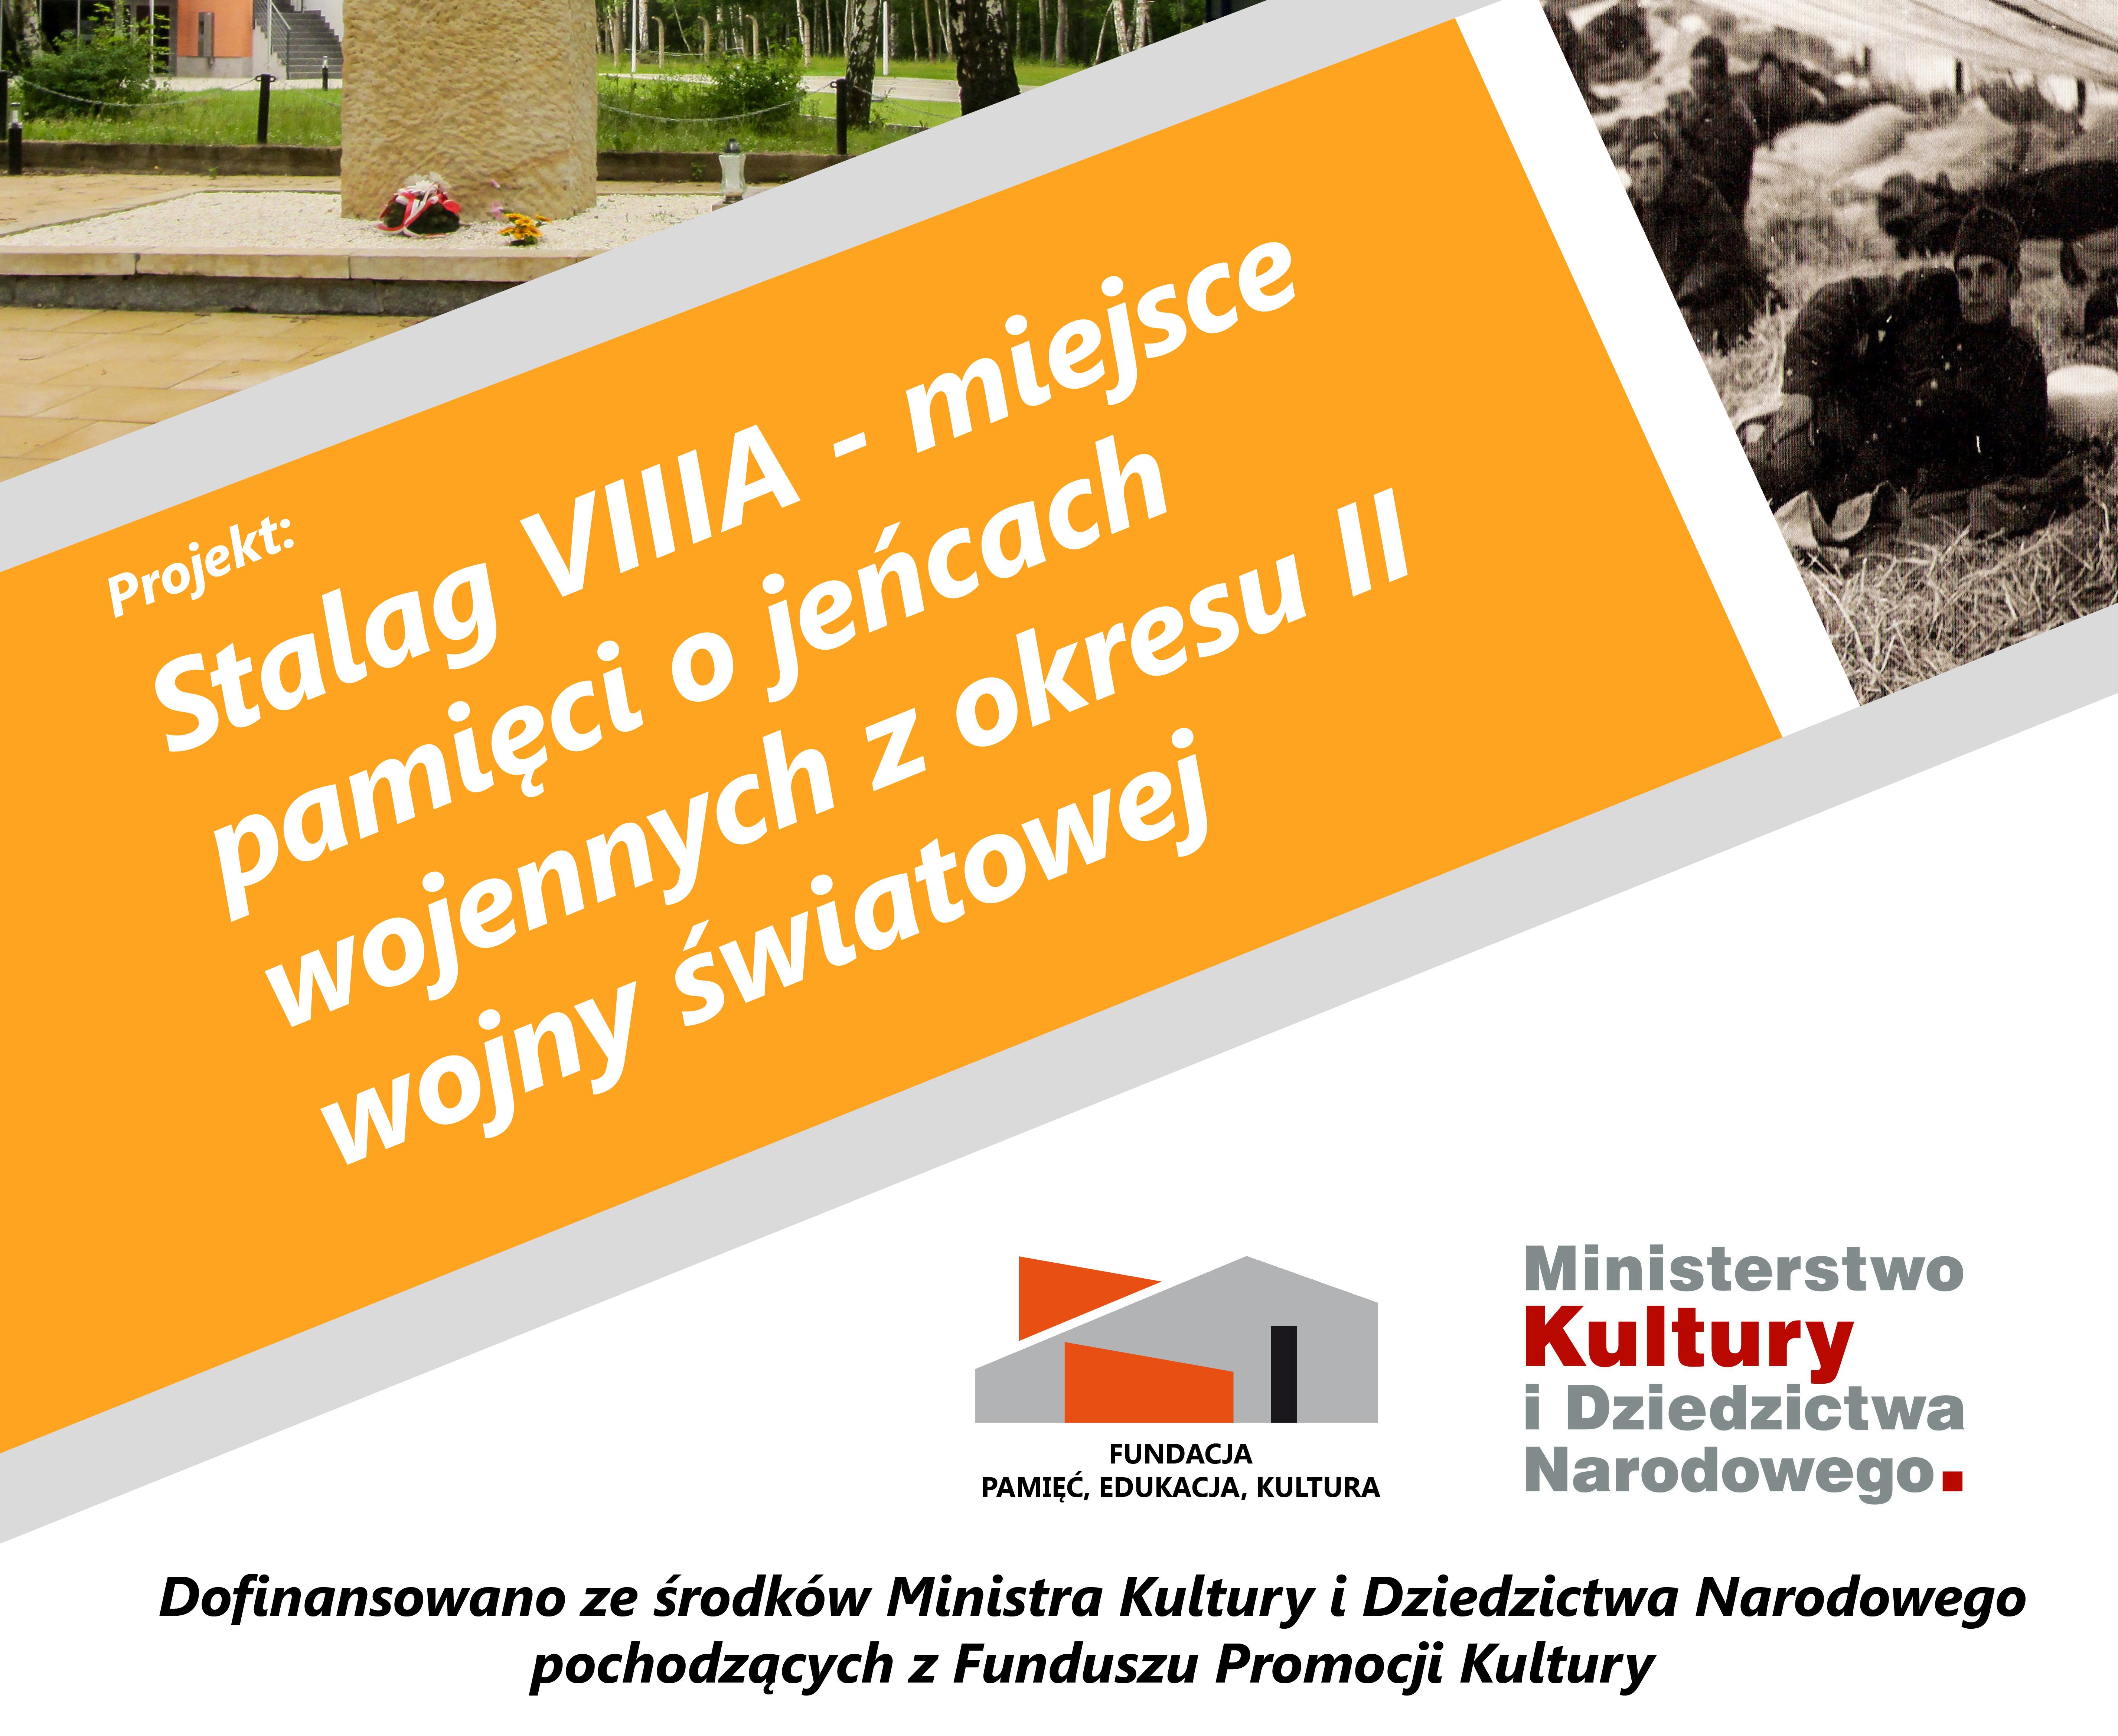 Fundacja Pamięć, Edukacja, Kultura z dotacją Ministerstwa Kultury i Dziedzictwa Narodowego